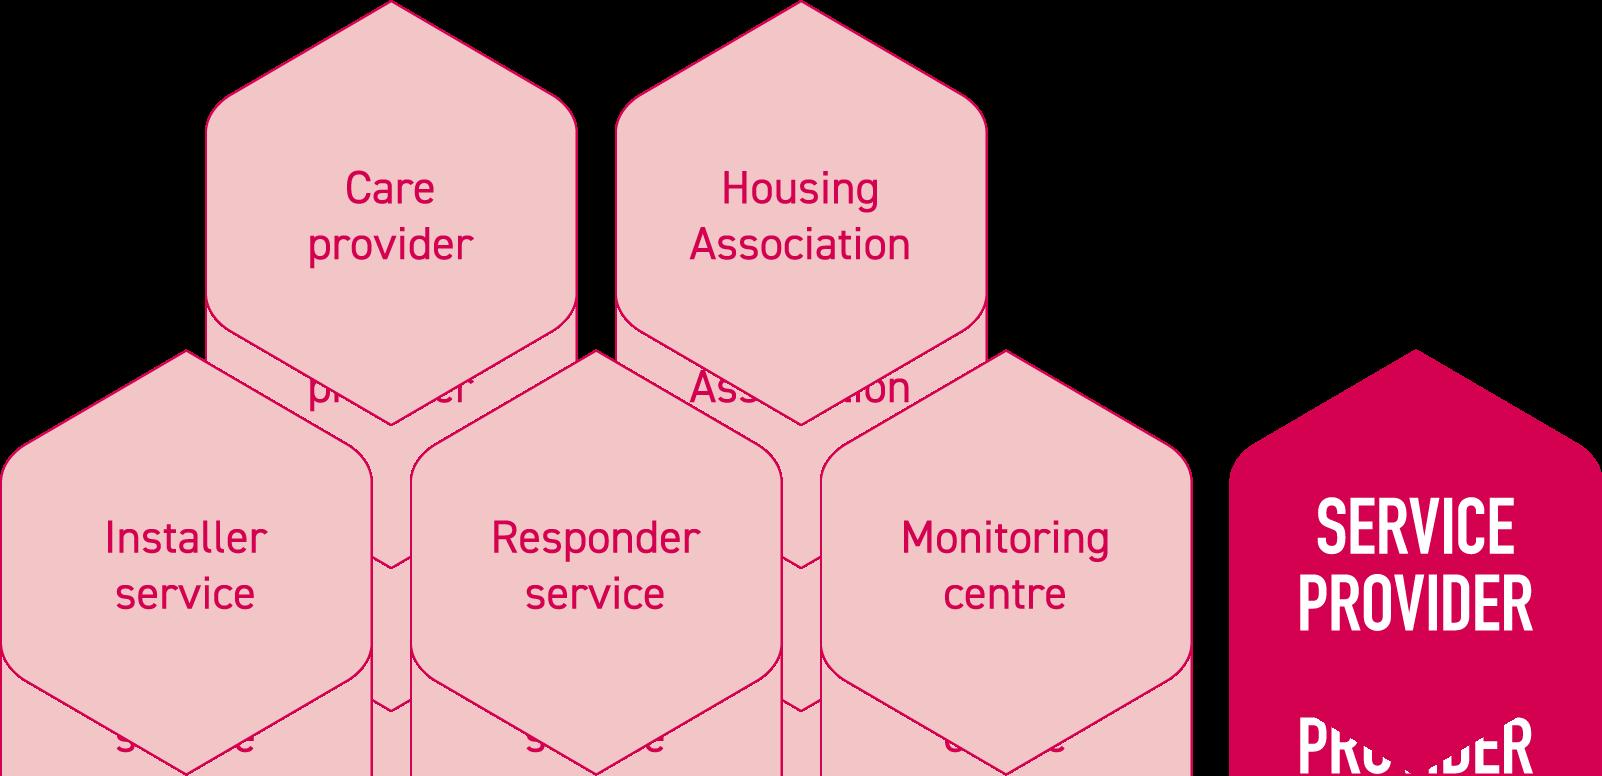 Service provider graphic